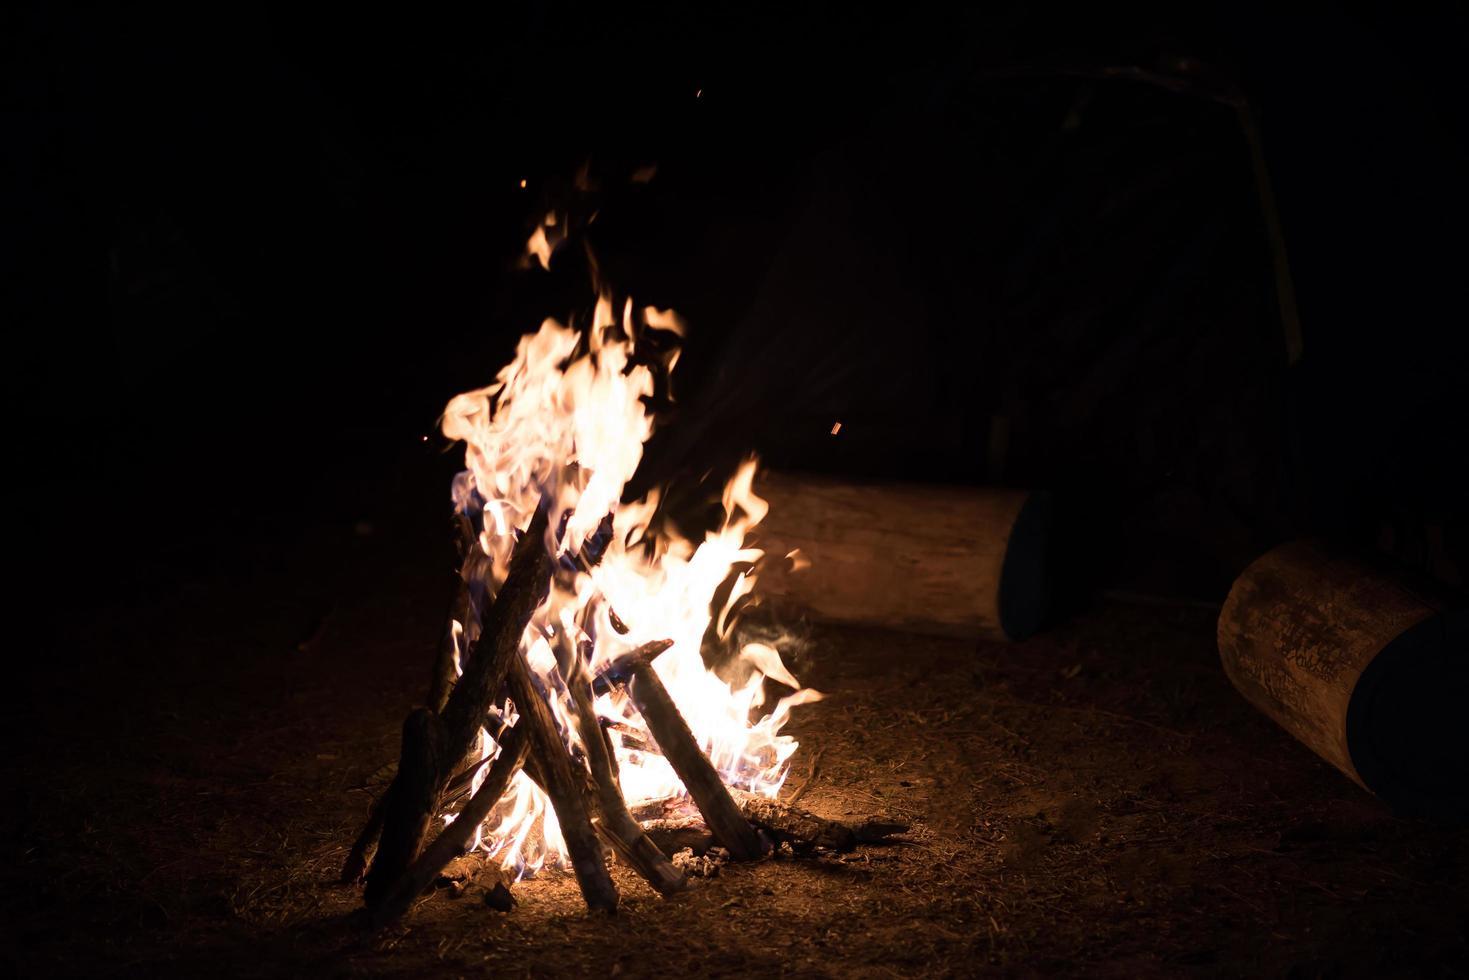 fuego de campamento en la noche oscura foto